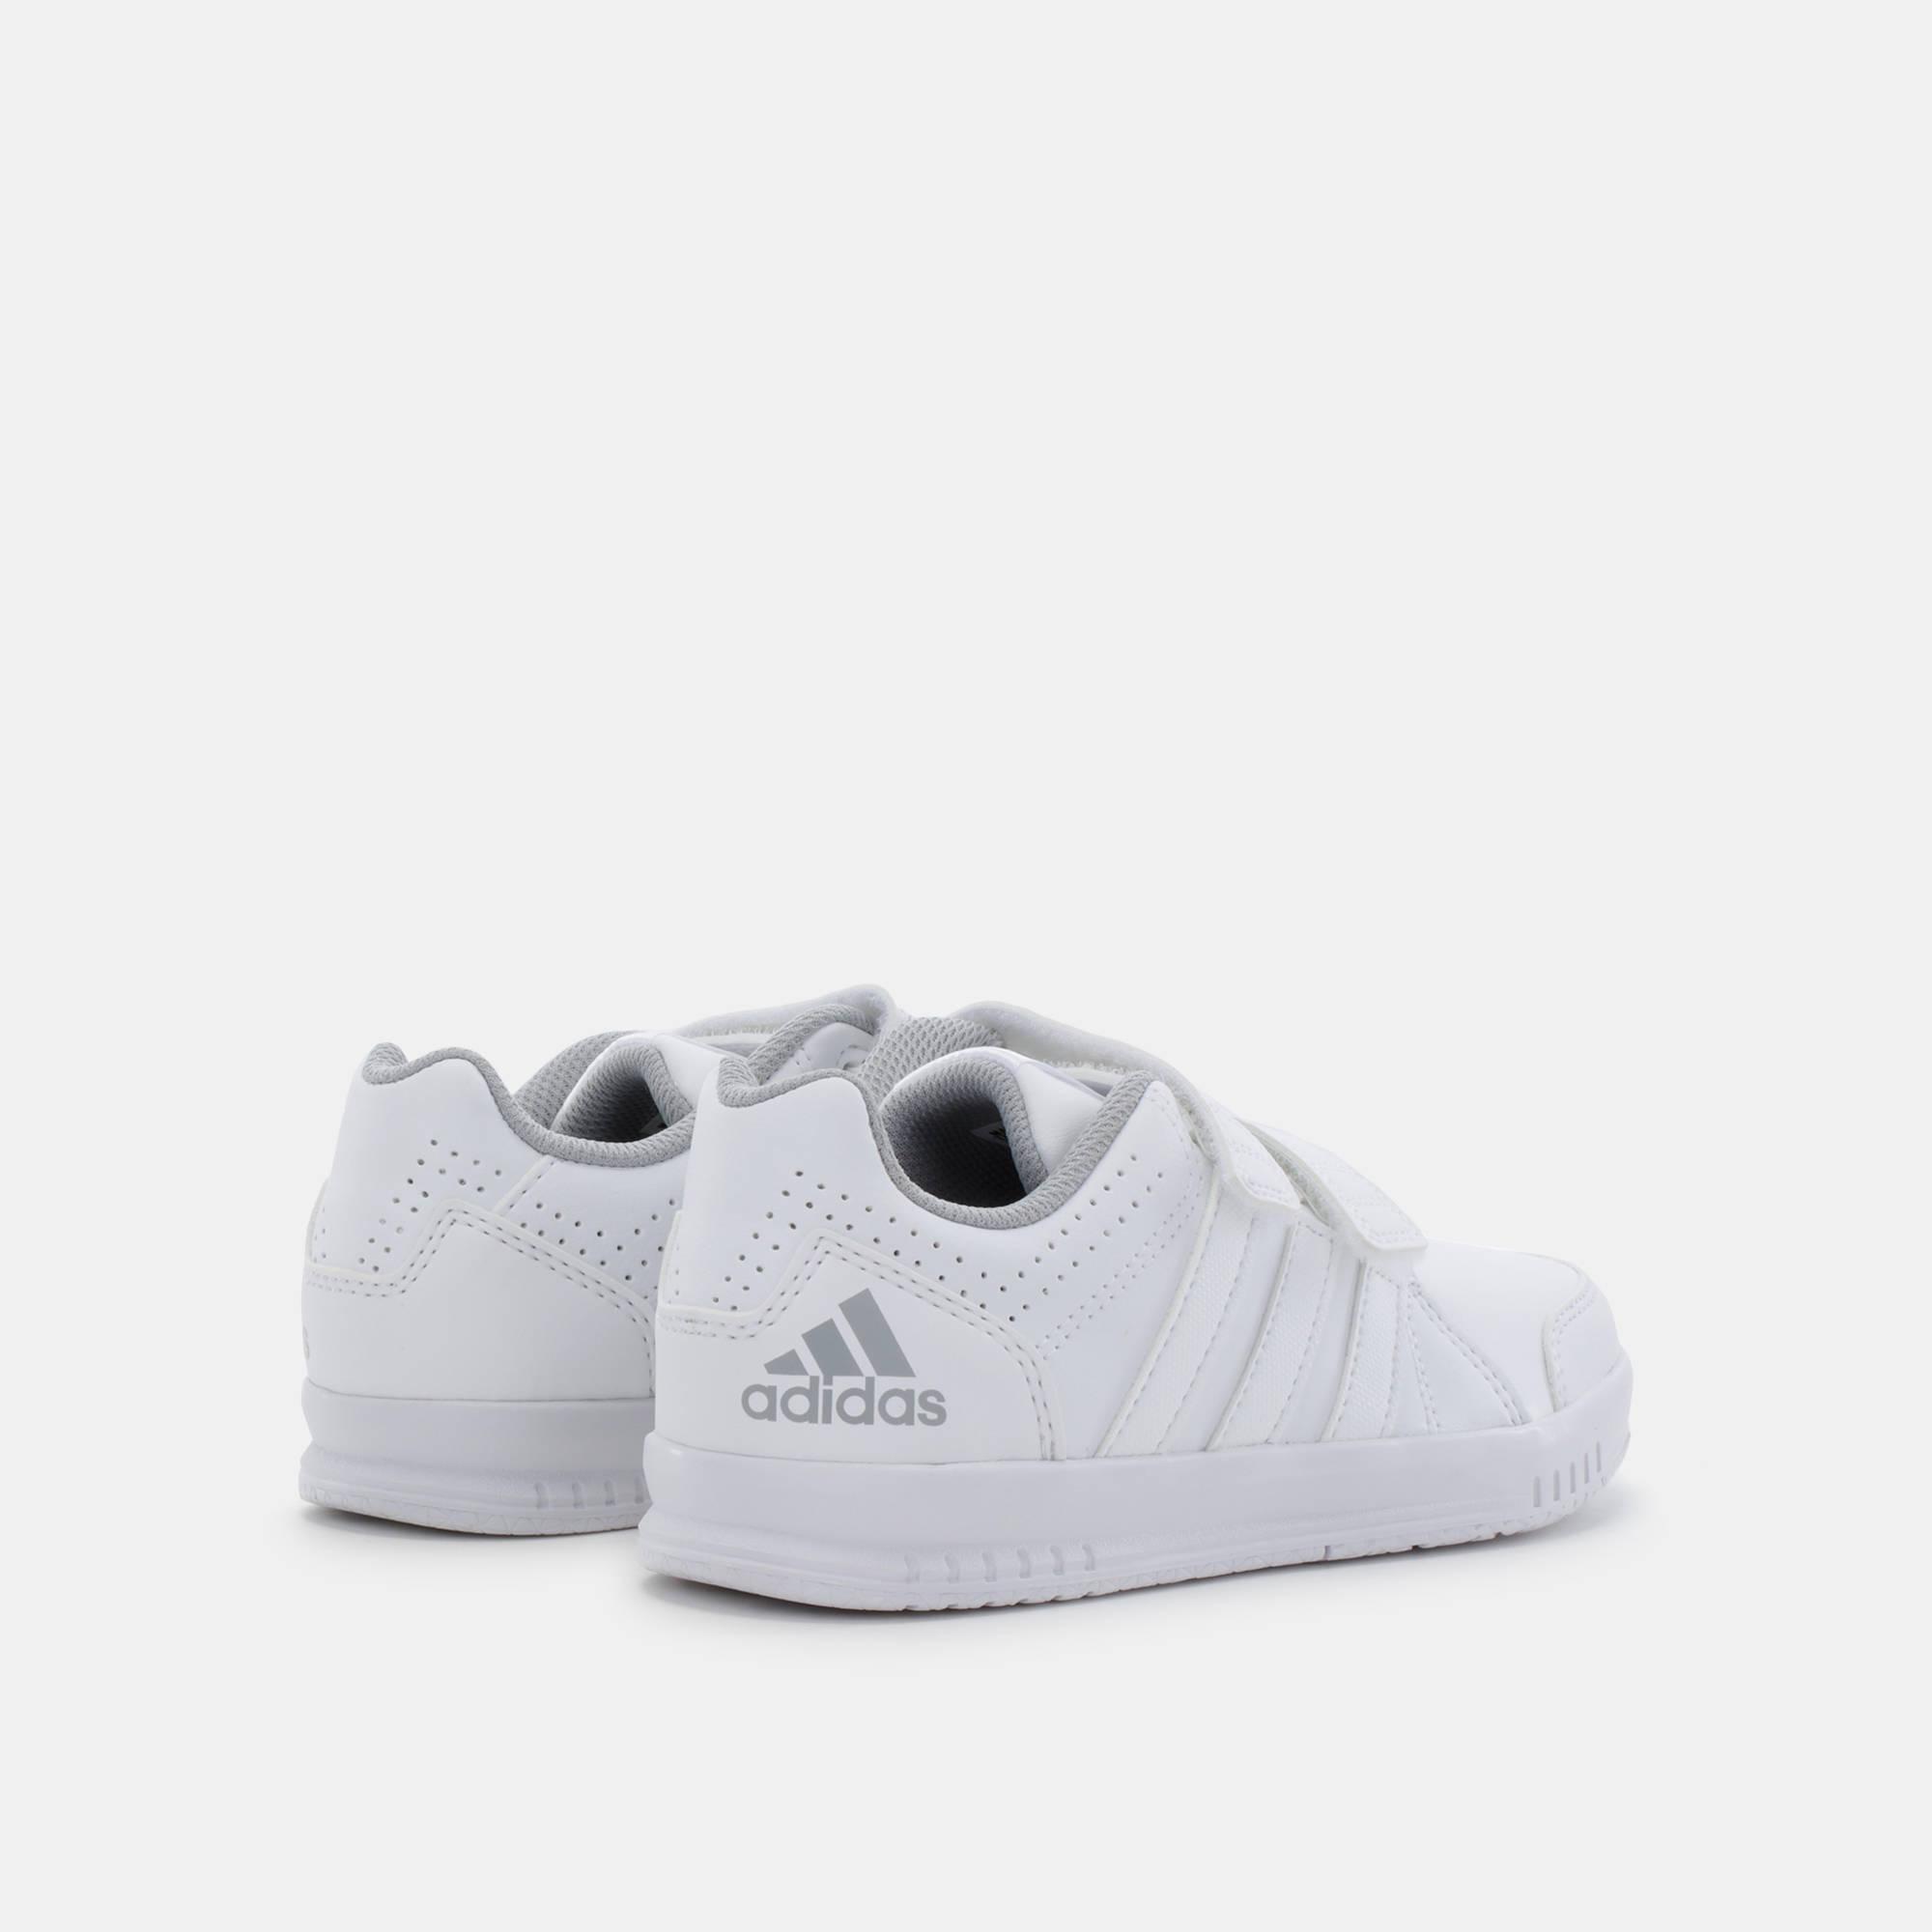 صوره جزم اديداس , احذية على الموضة